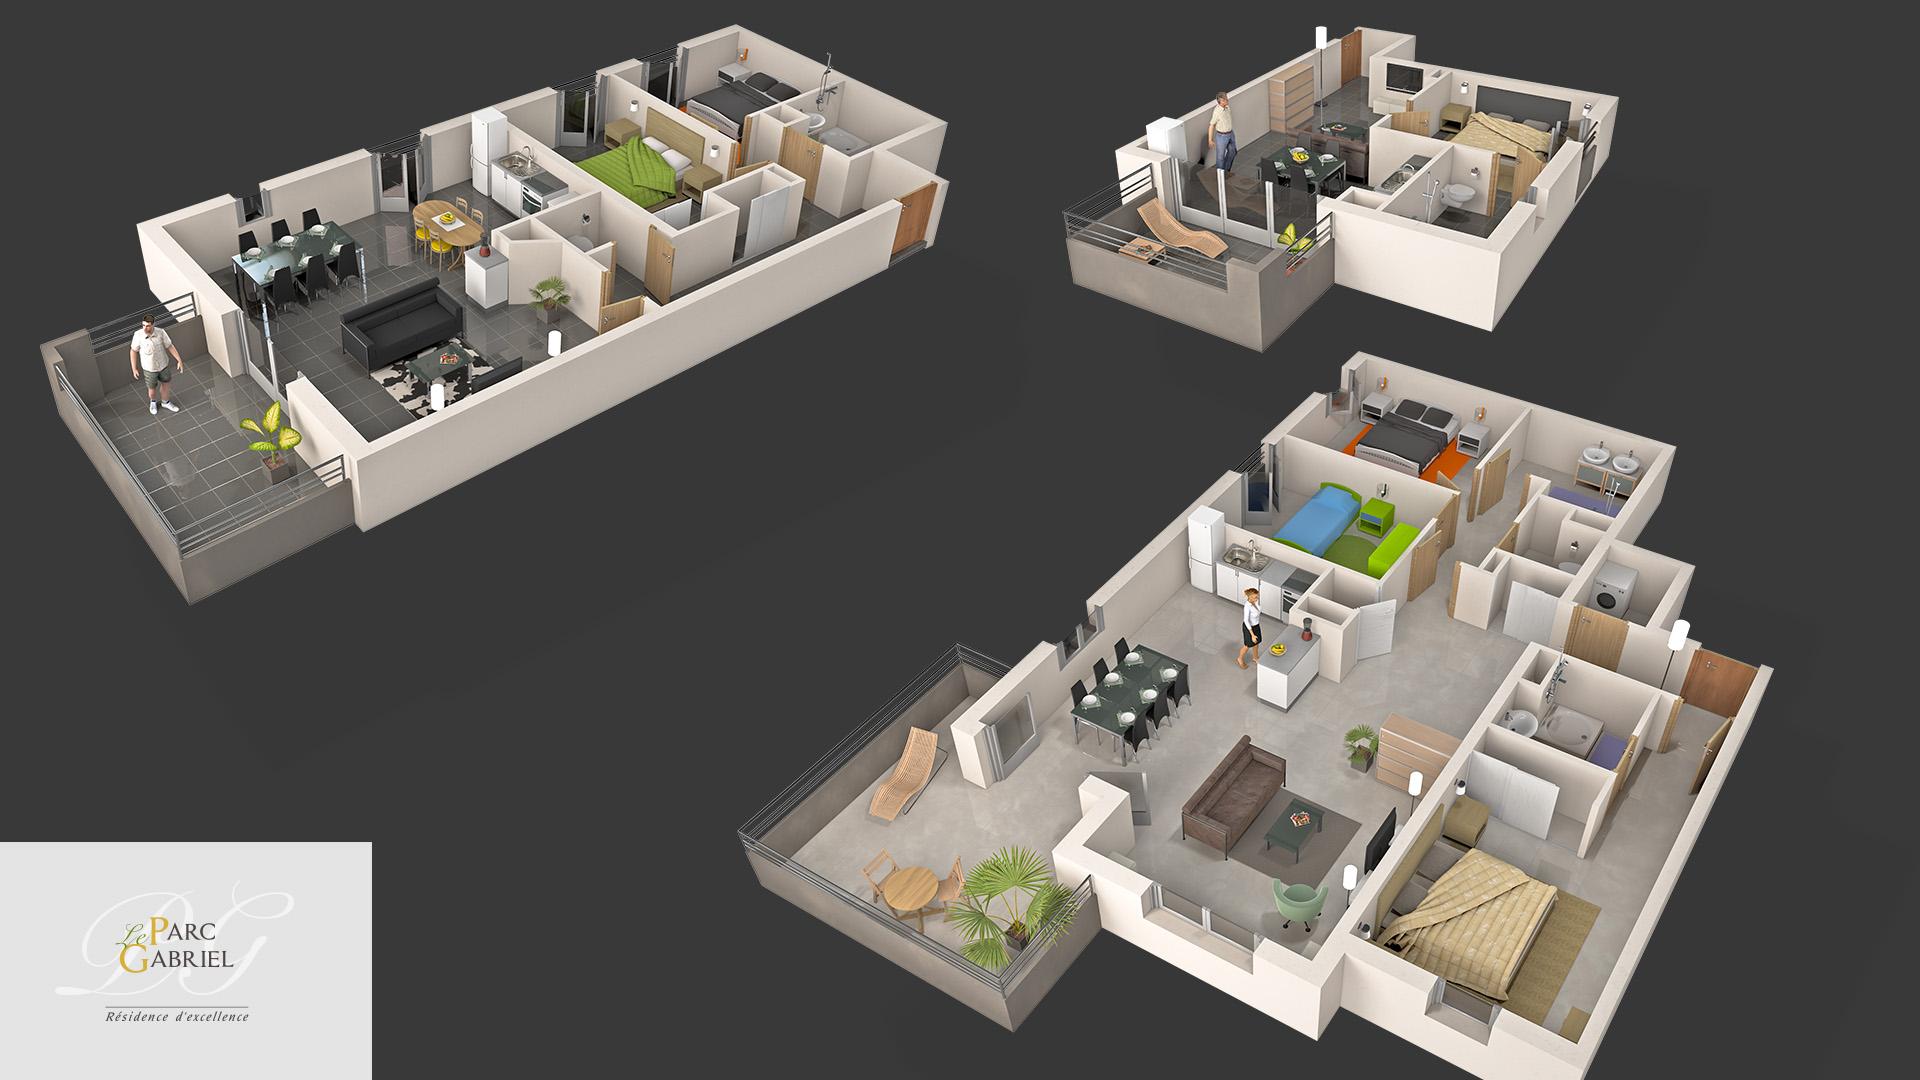 Vue en coupe des appartements